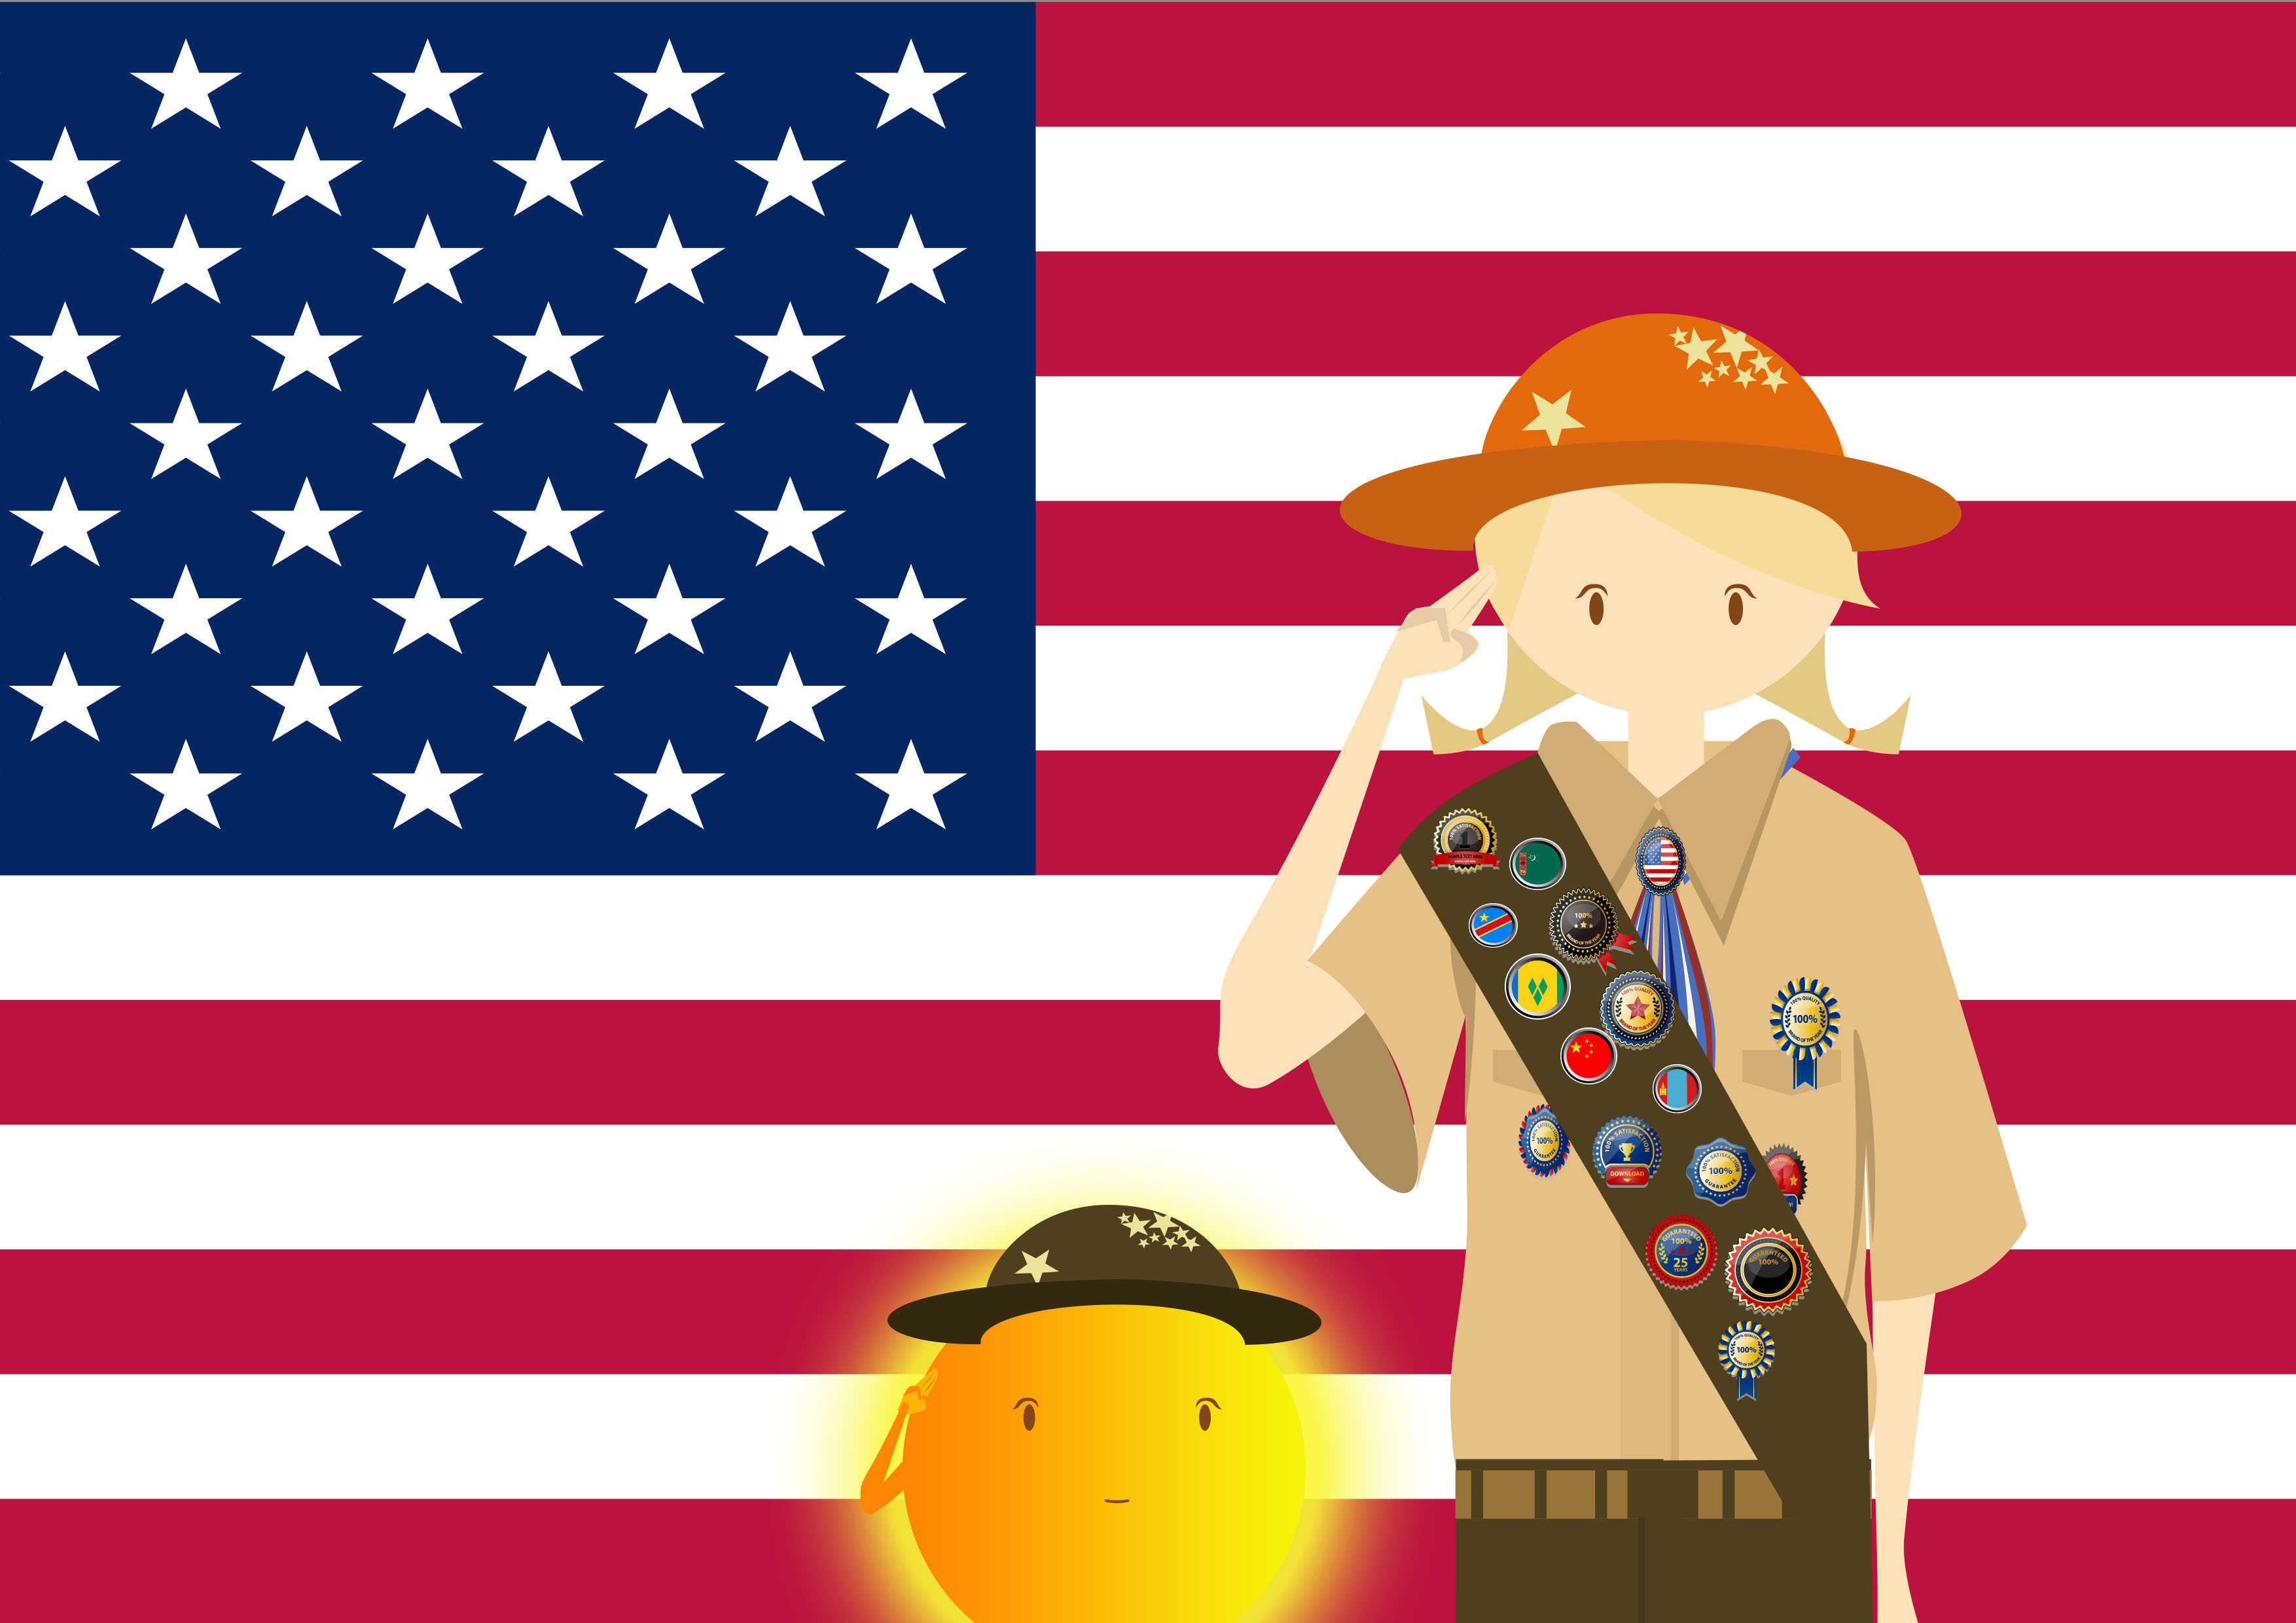 美国旗帜壁纸1080p